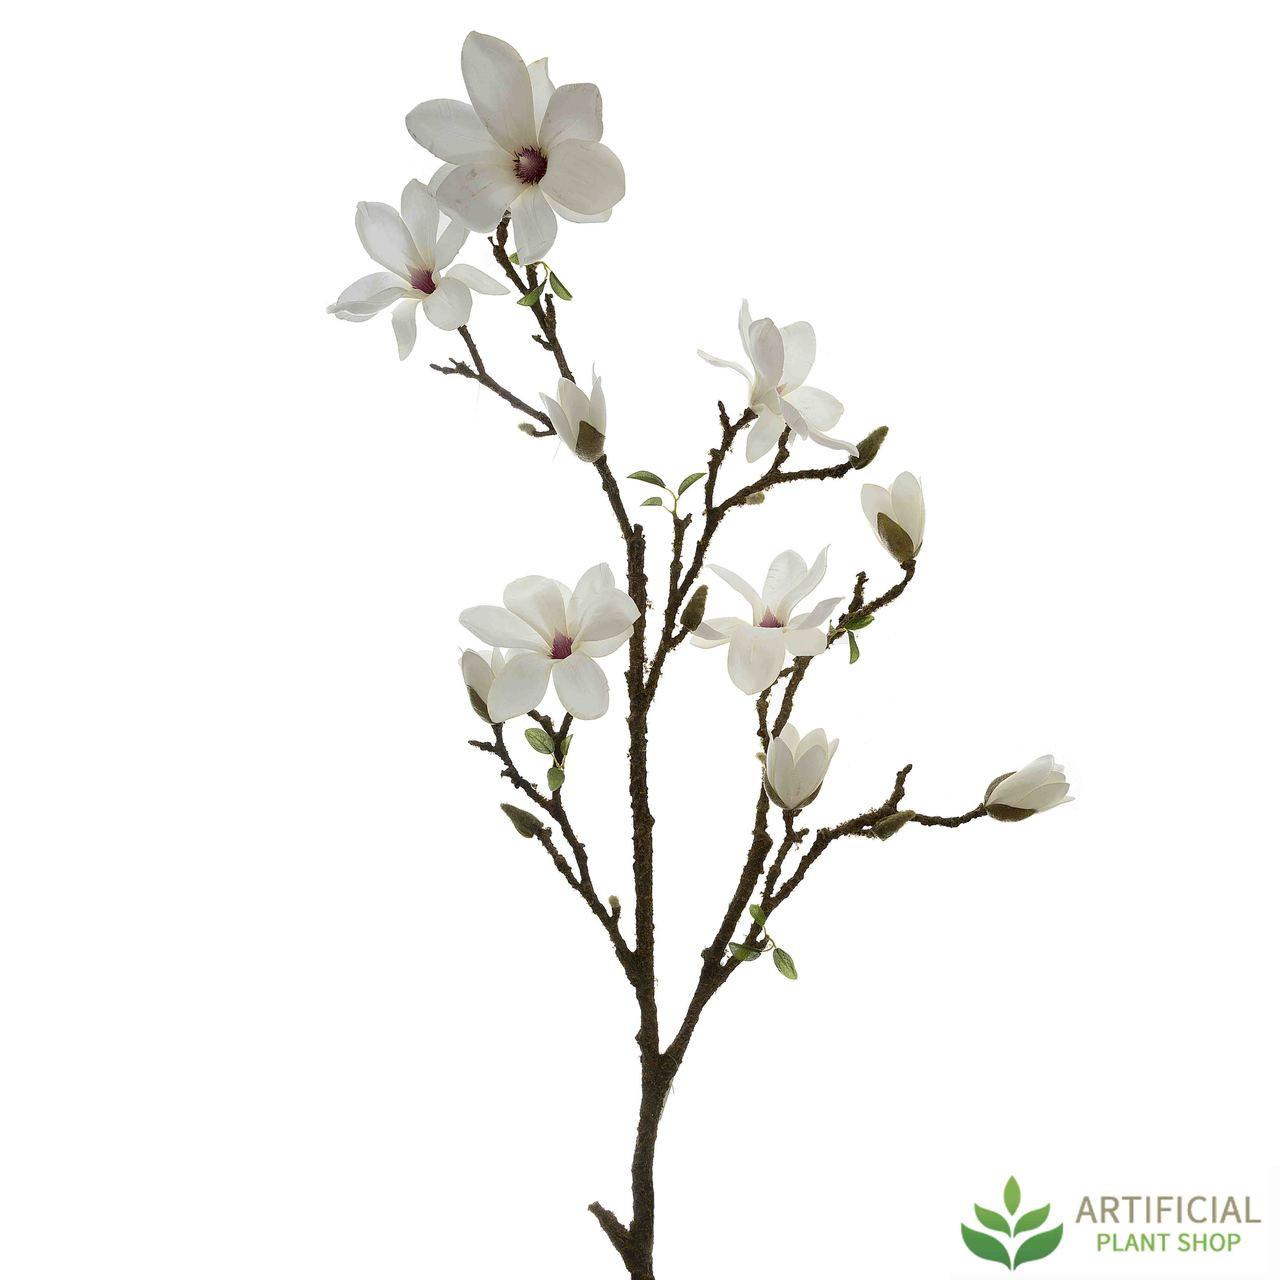 Artificial Magnolia Wisoni Spray